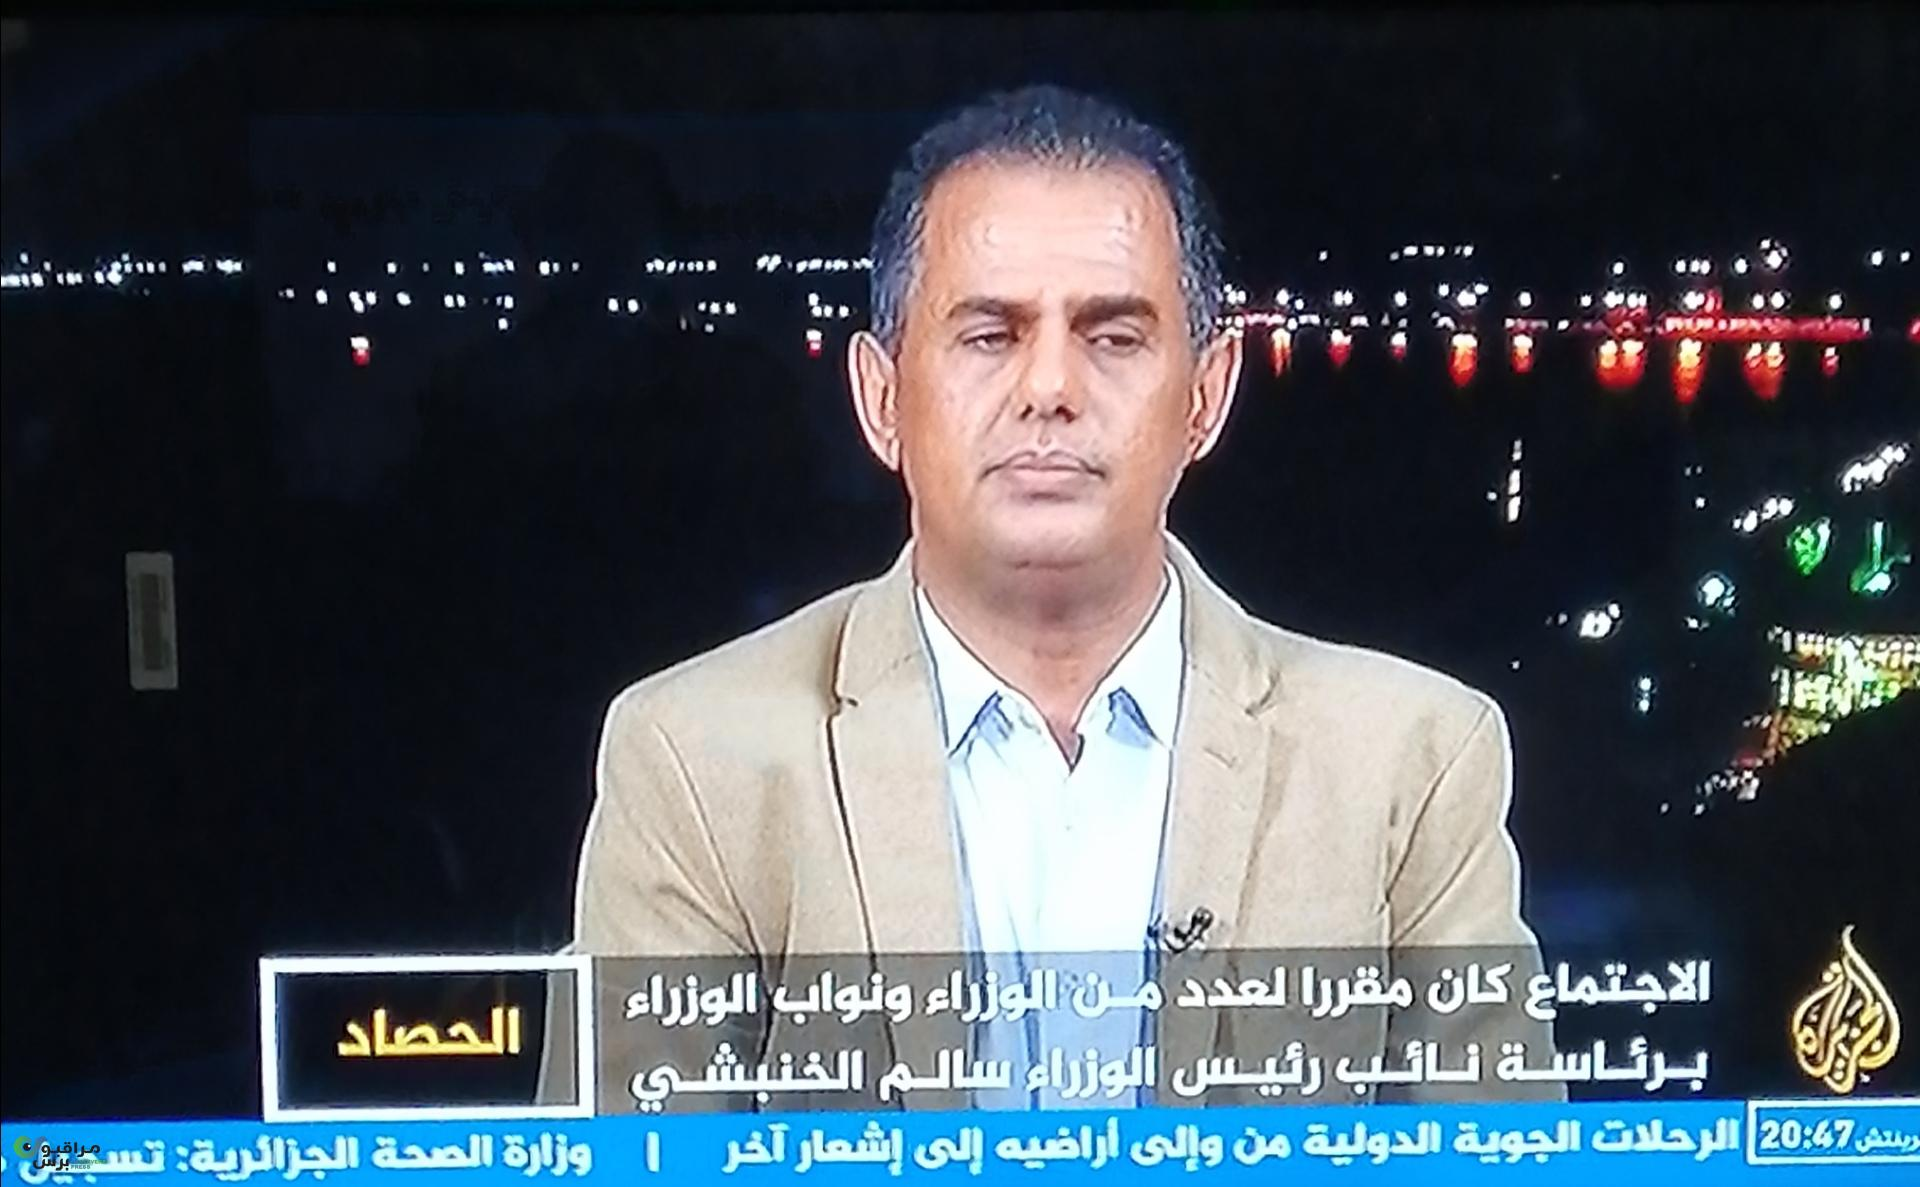 منصور صالح متحدثا أمس لحصاد قناة الجزيرة من عدن